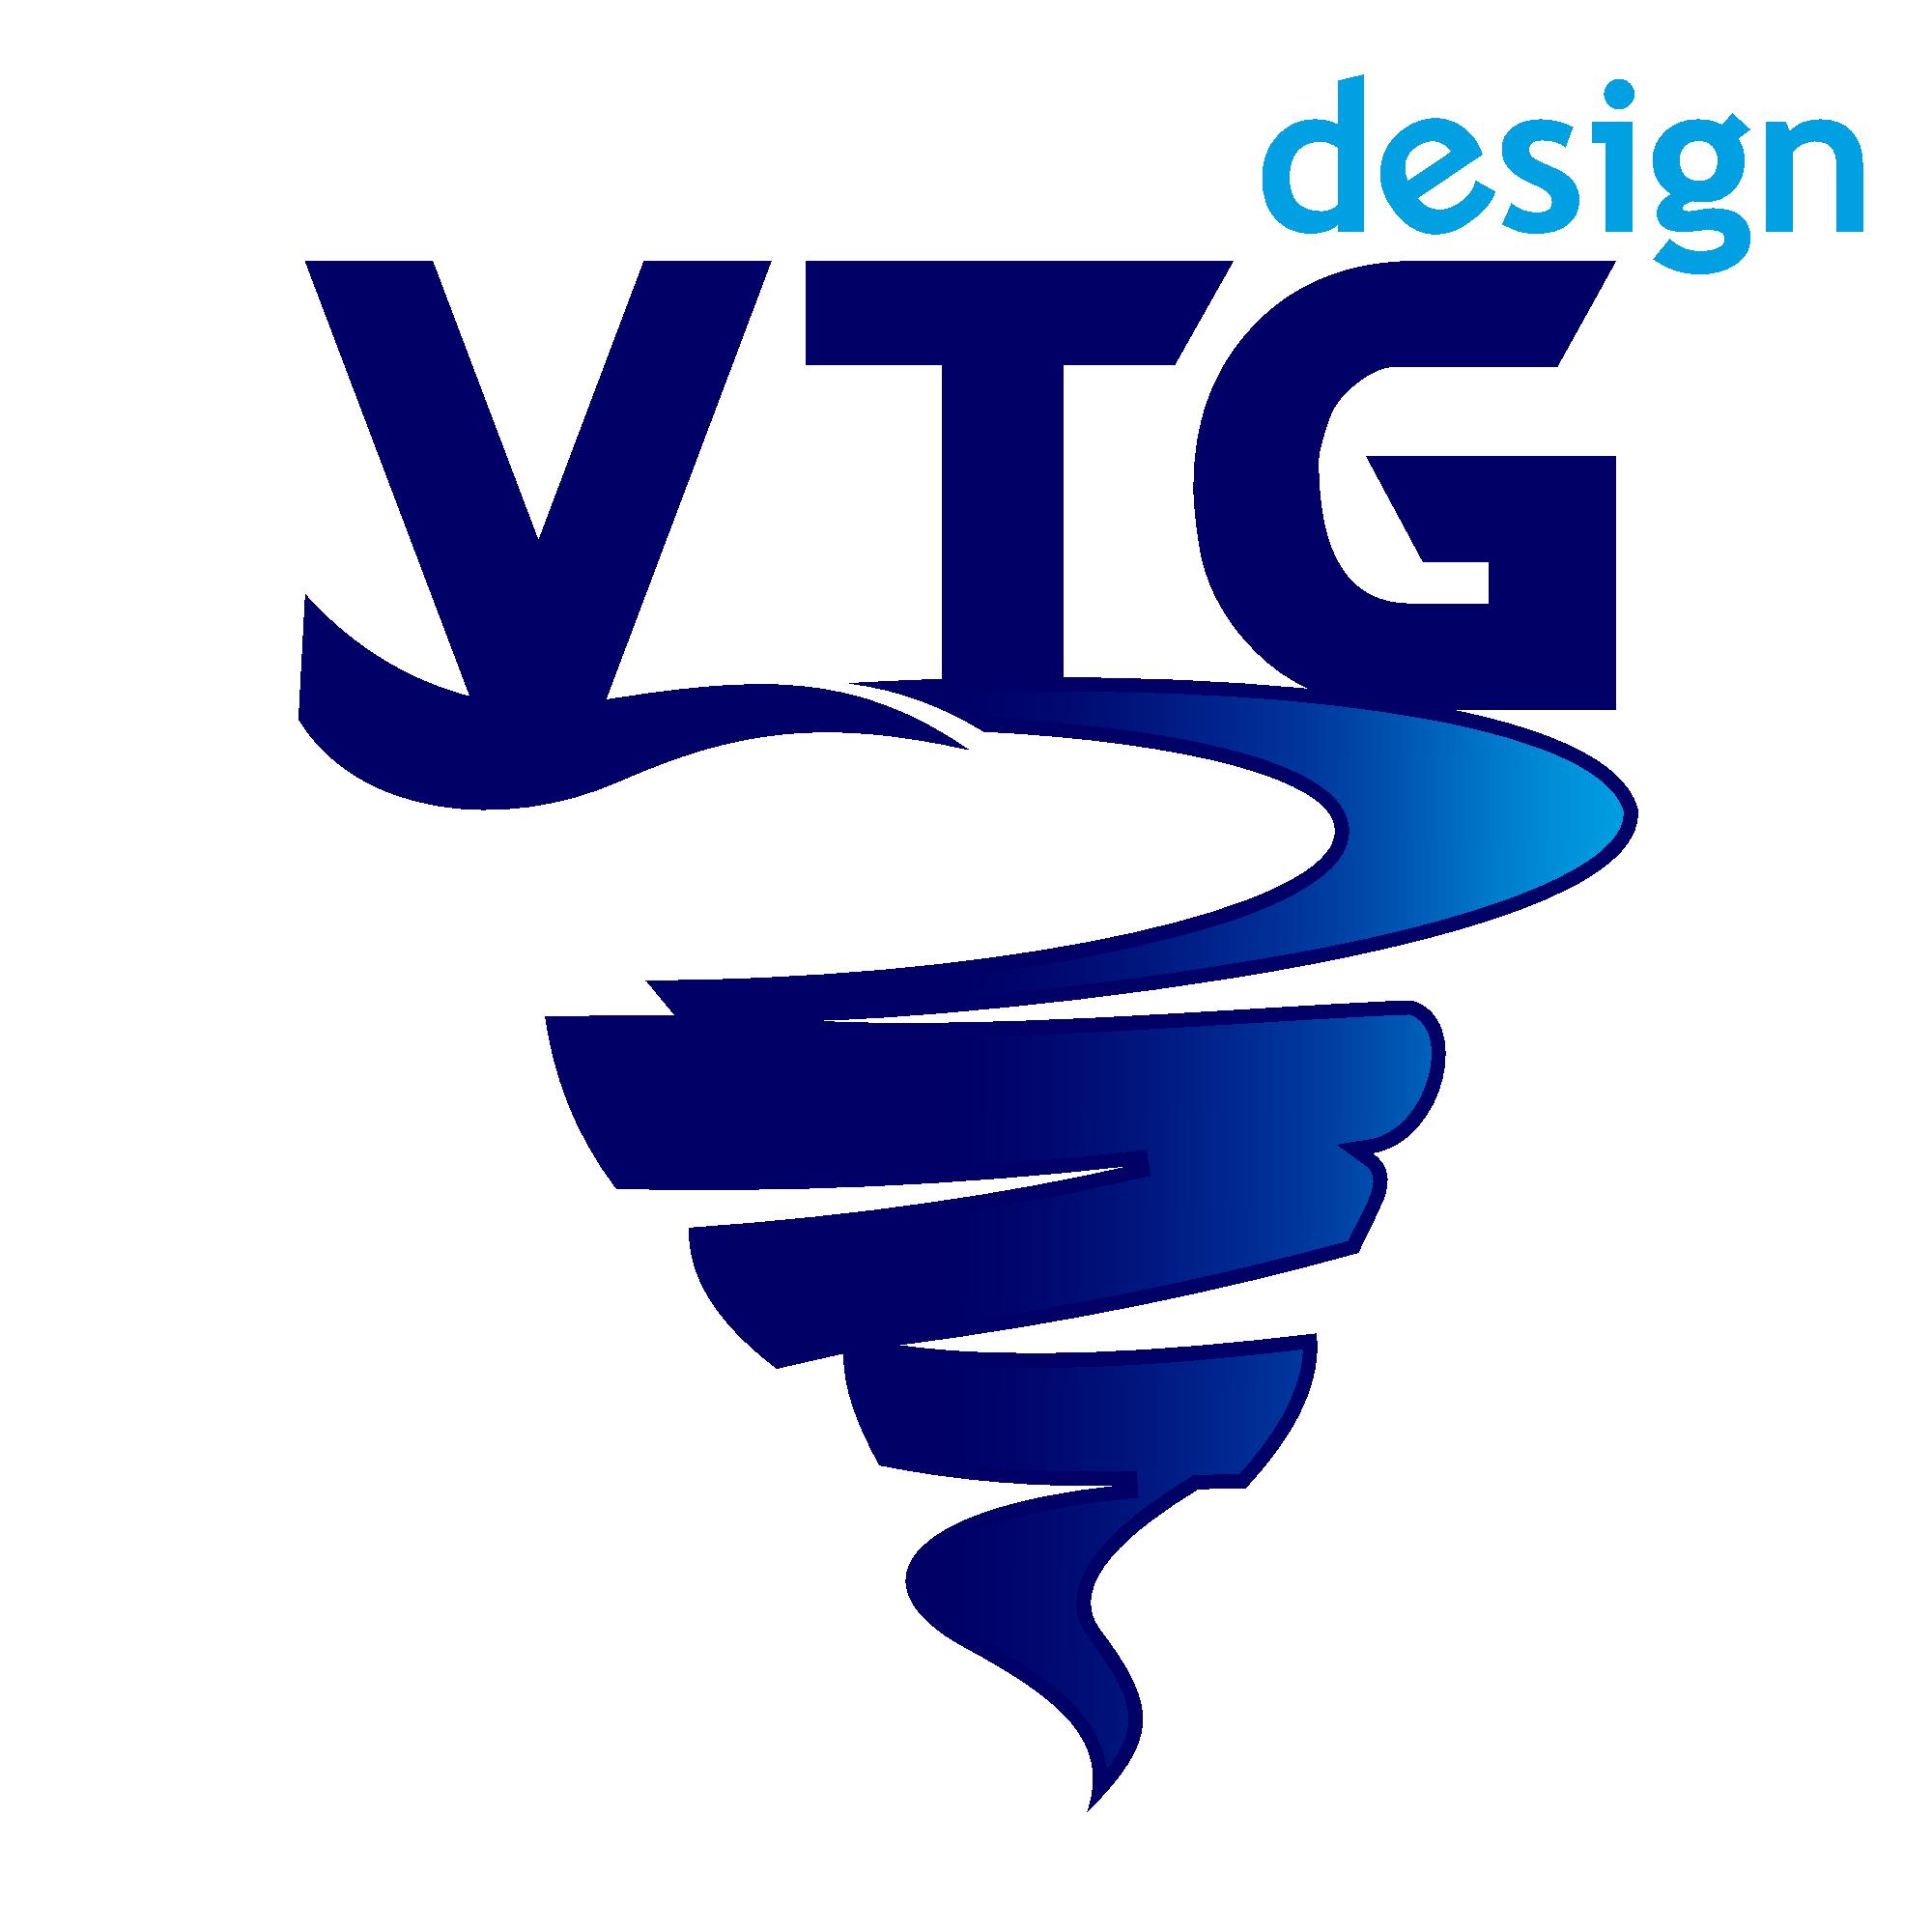 VTGdesign